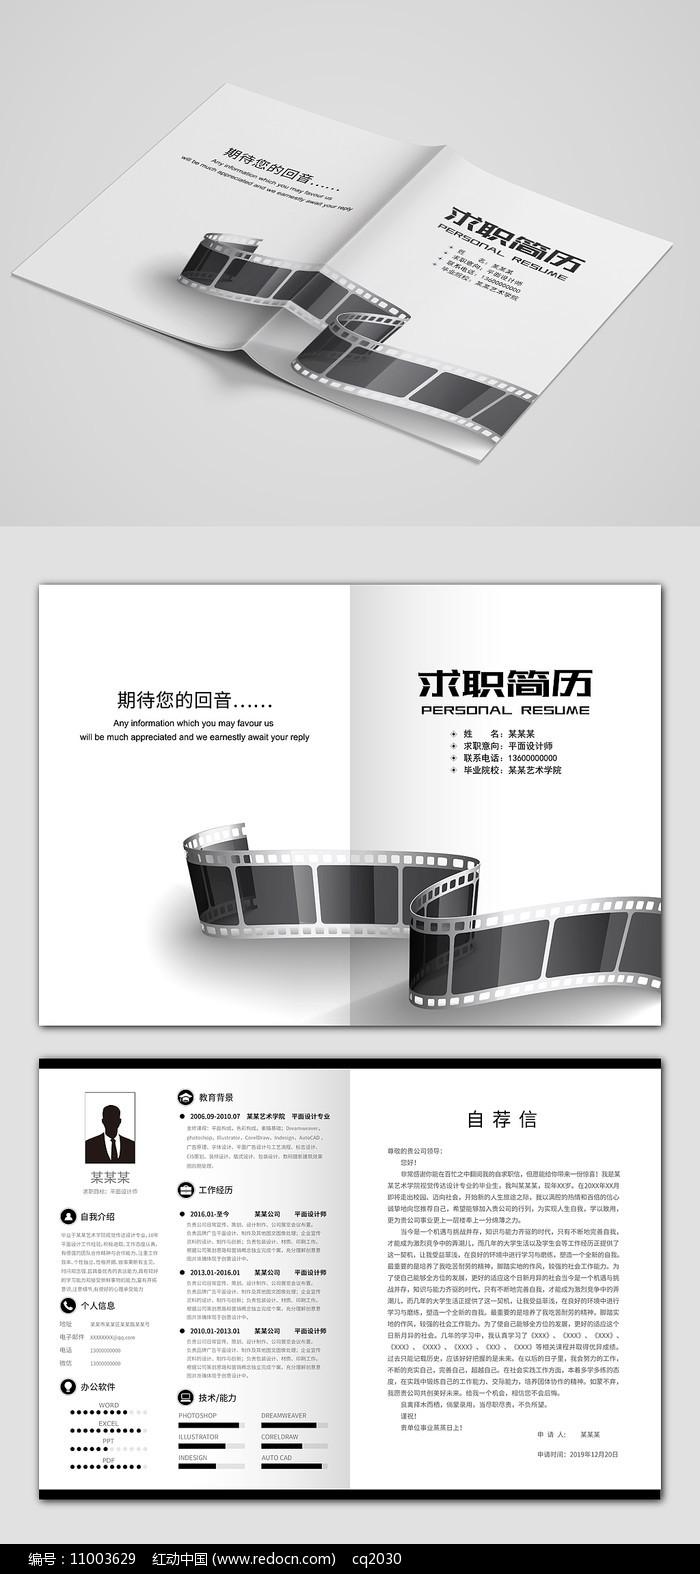 黑白胶片胶卷摄影师个人求职简历封面设计